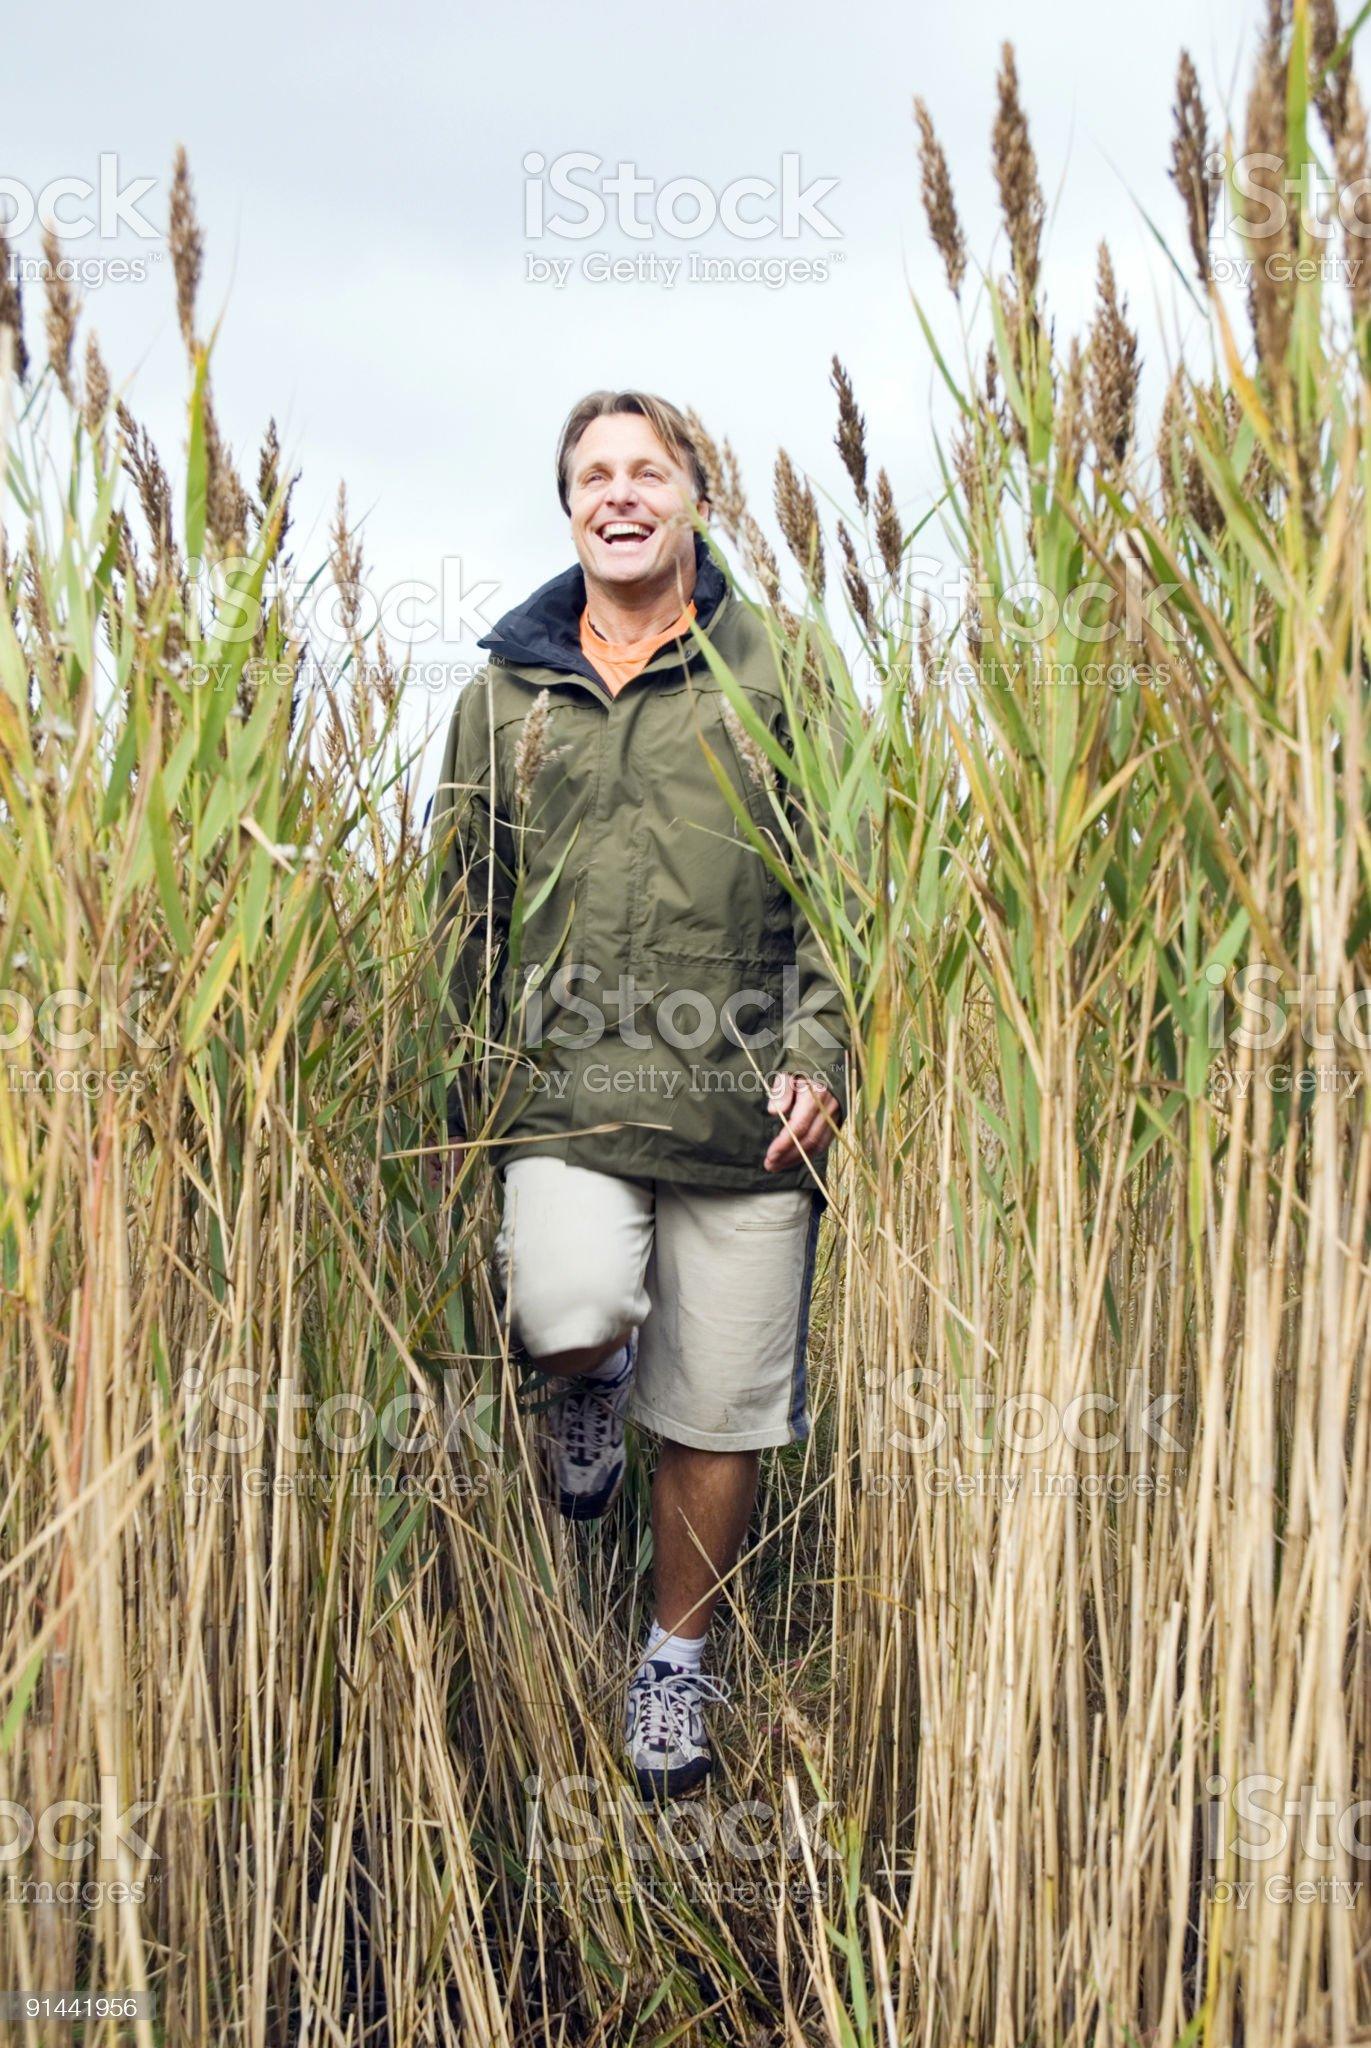 Man walking through reeds. royalty-free stock photo